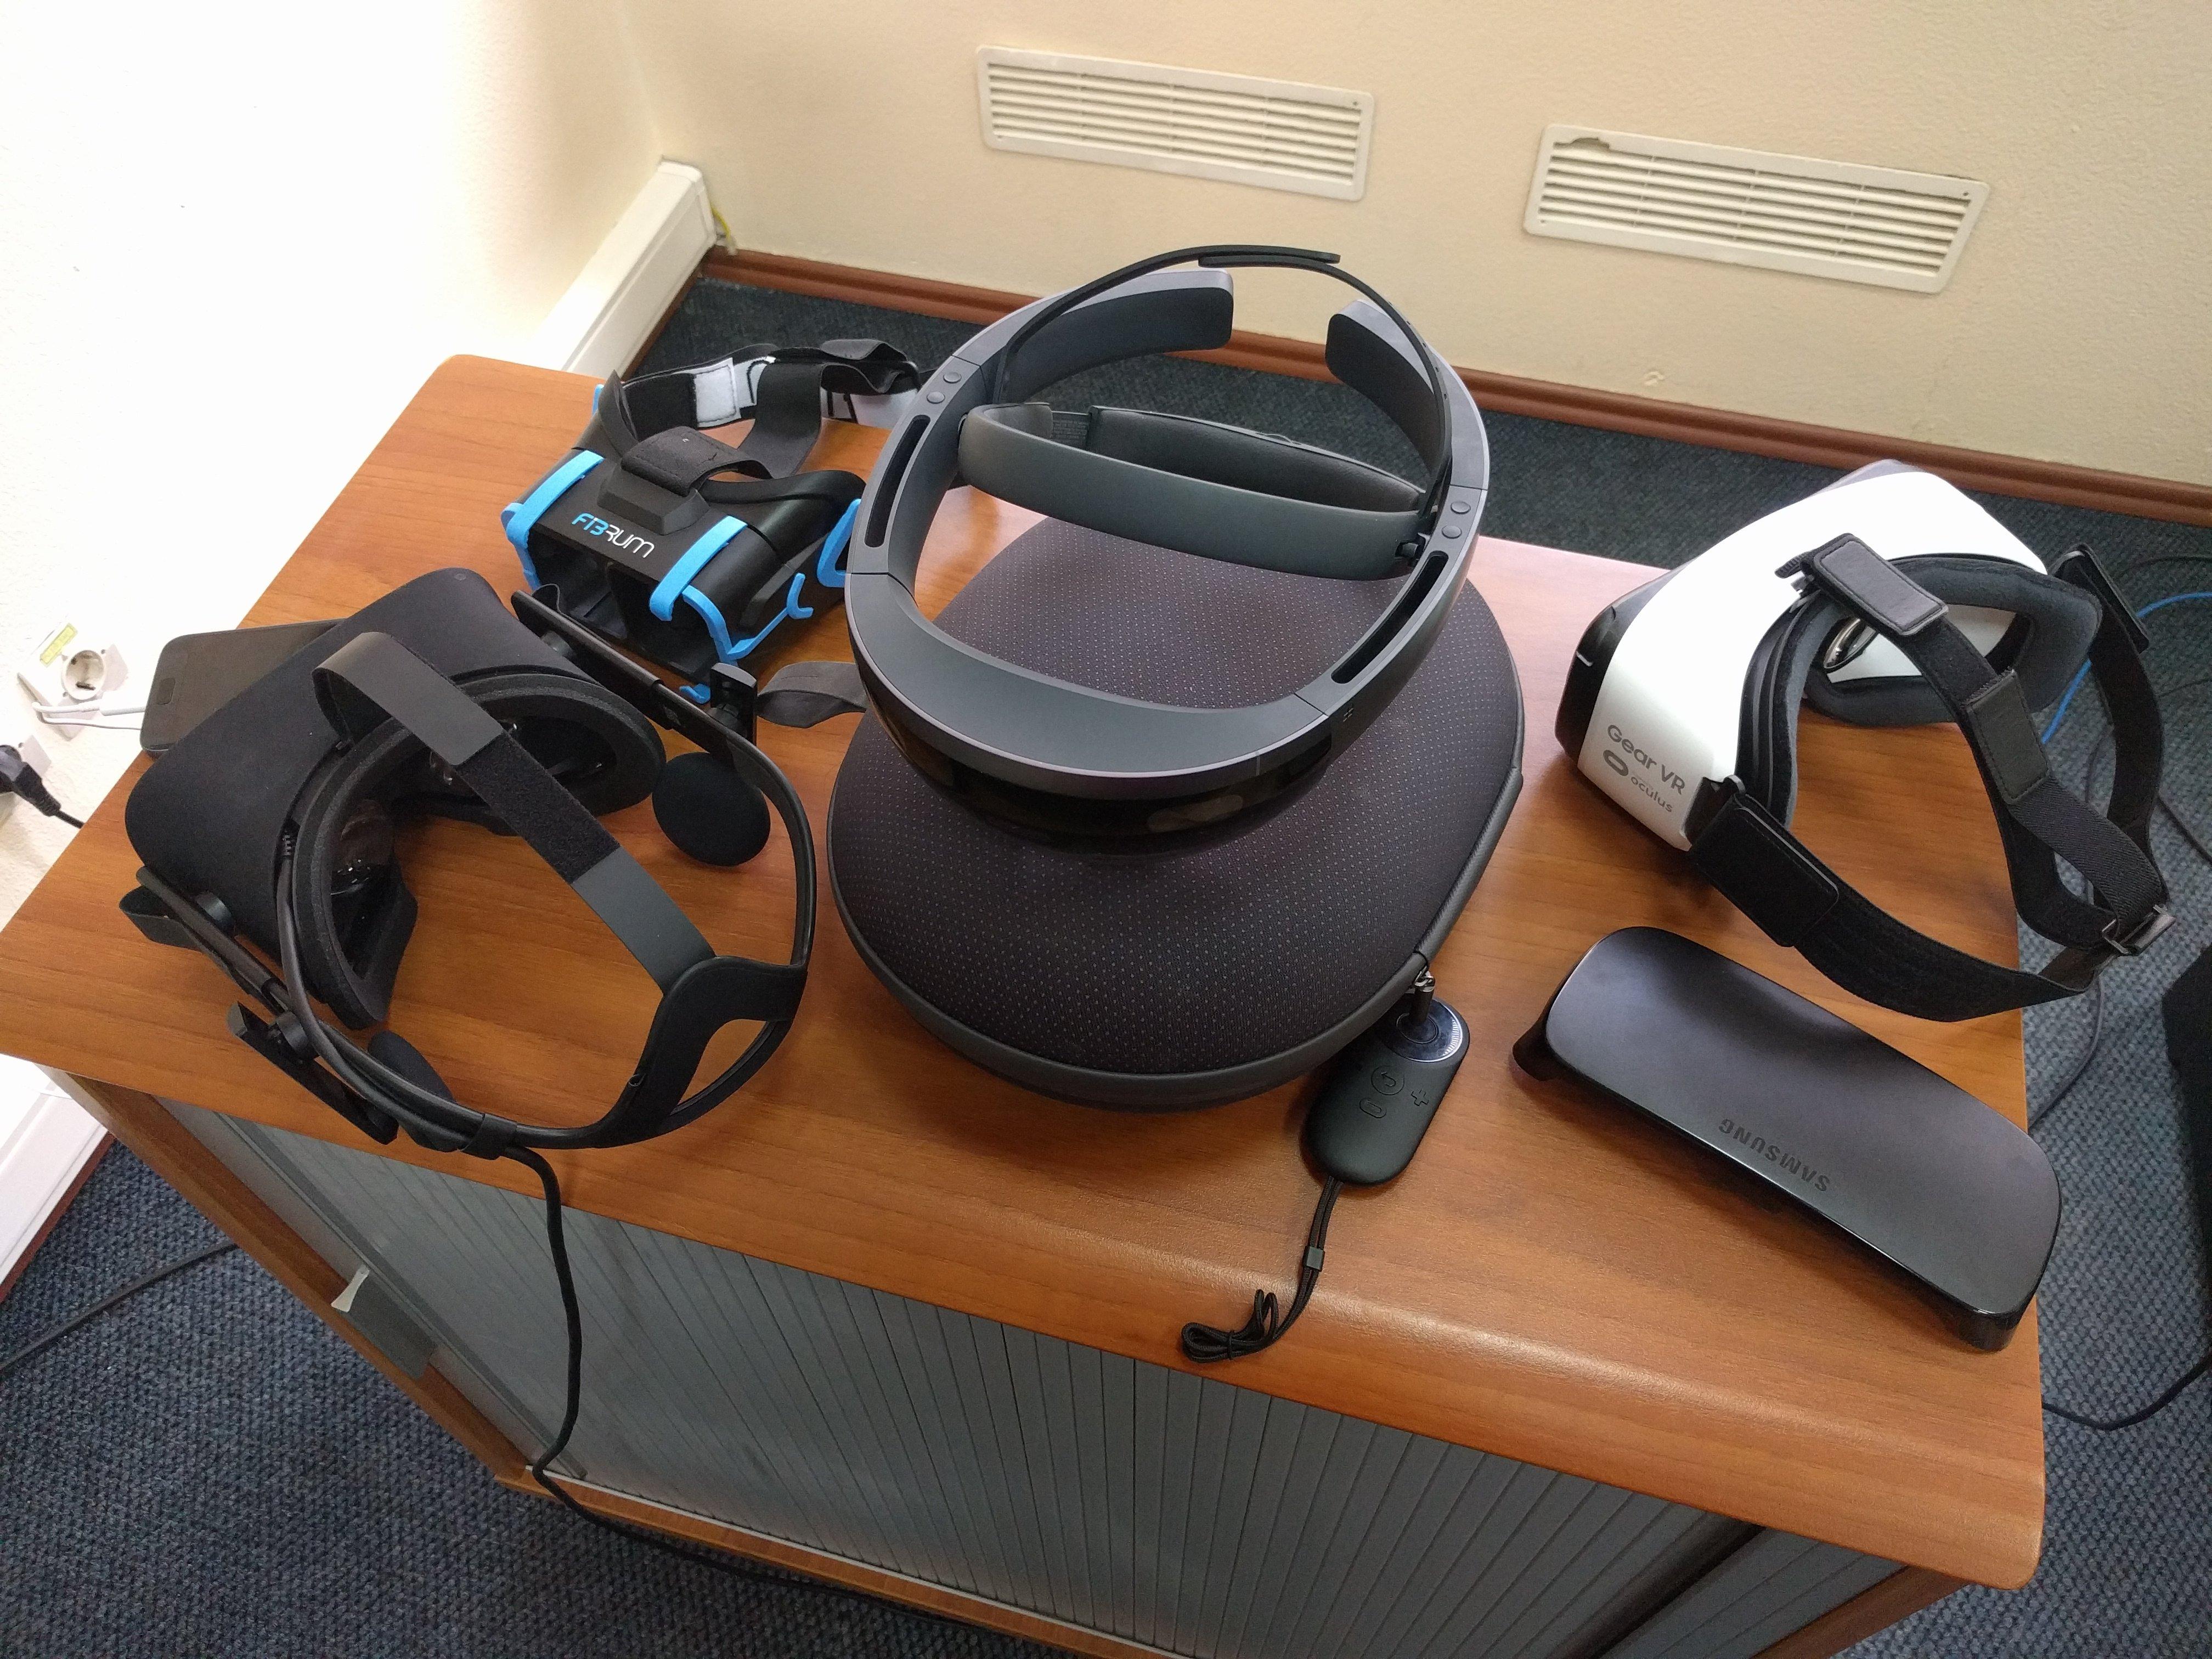 Предложили Трофимову и Пивоварову написать про VR. - Изображение 1